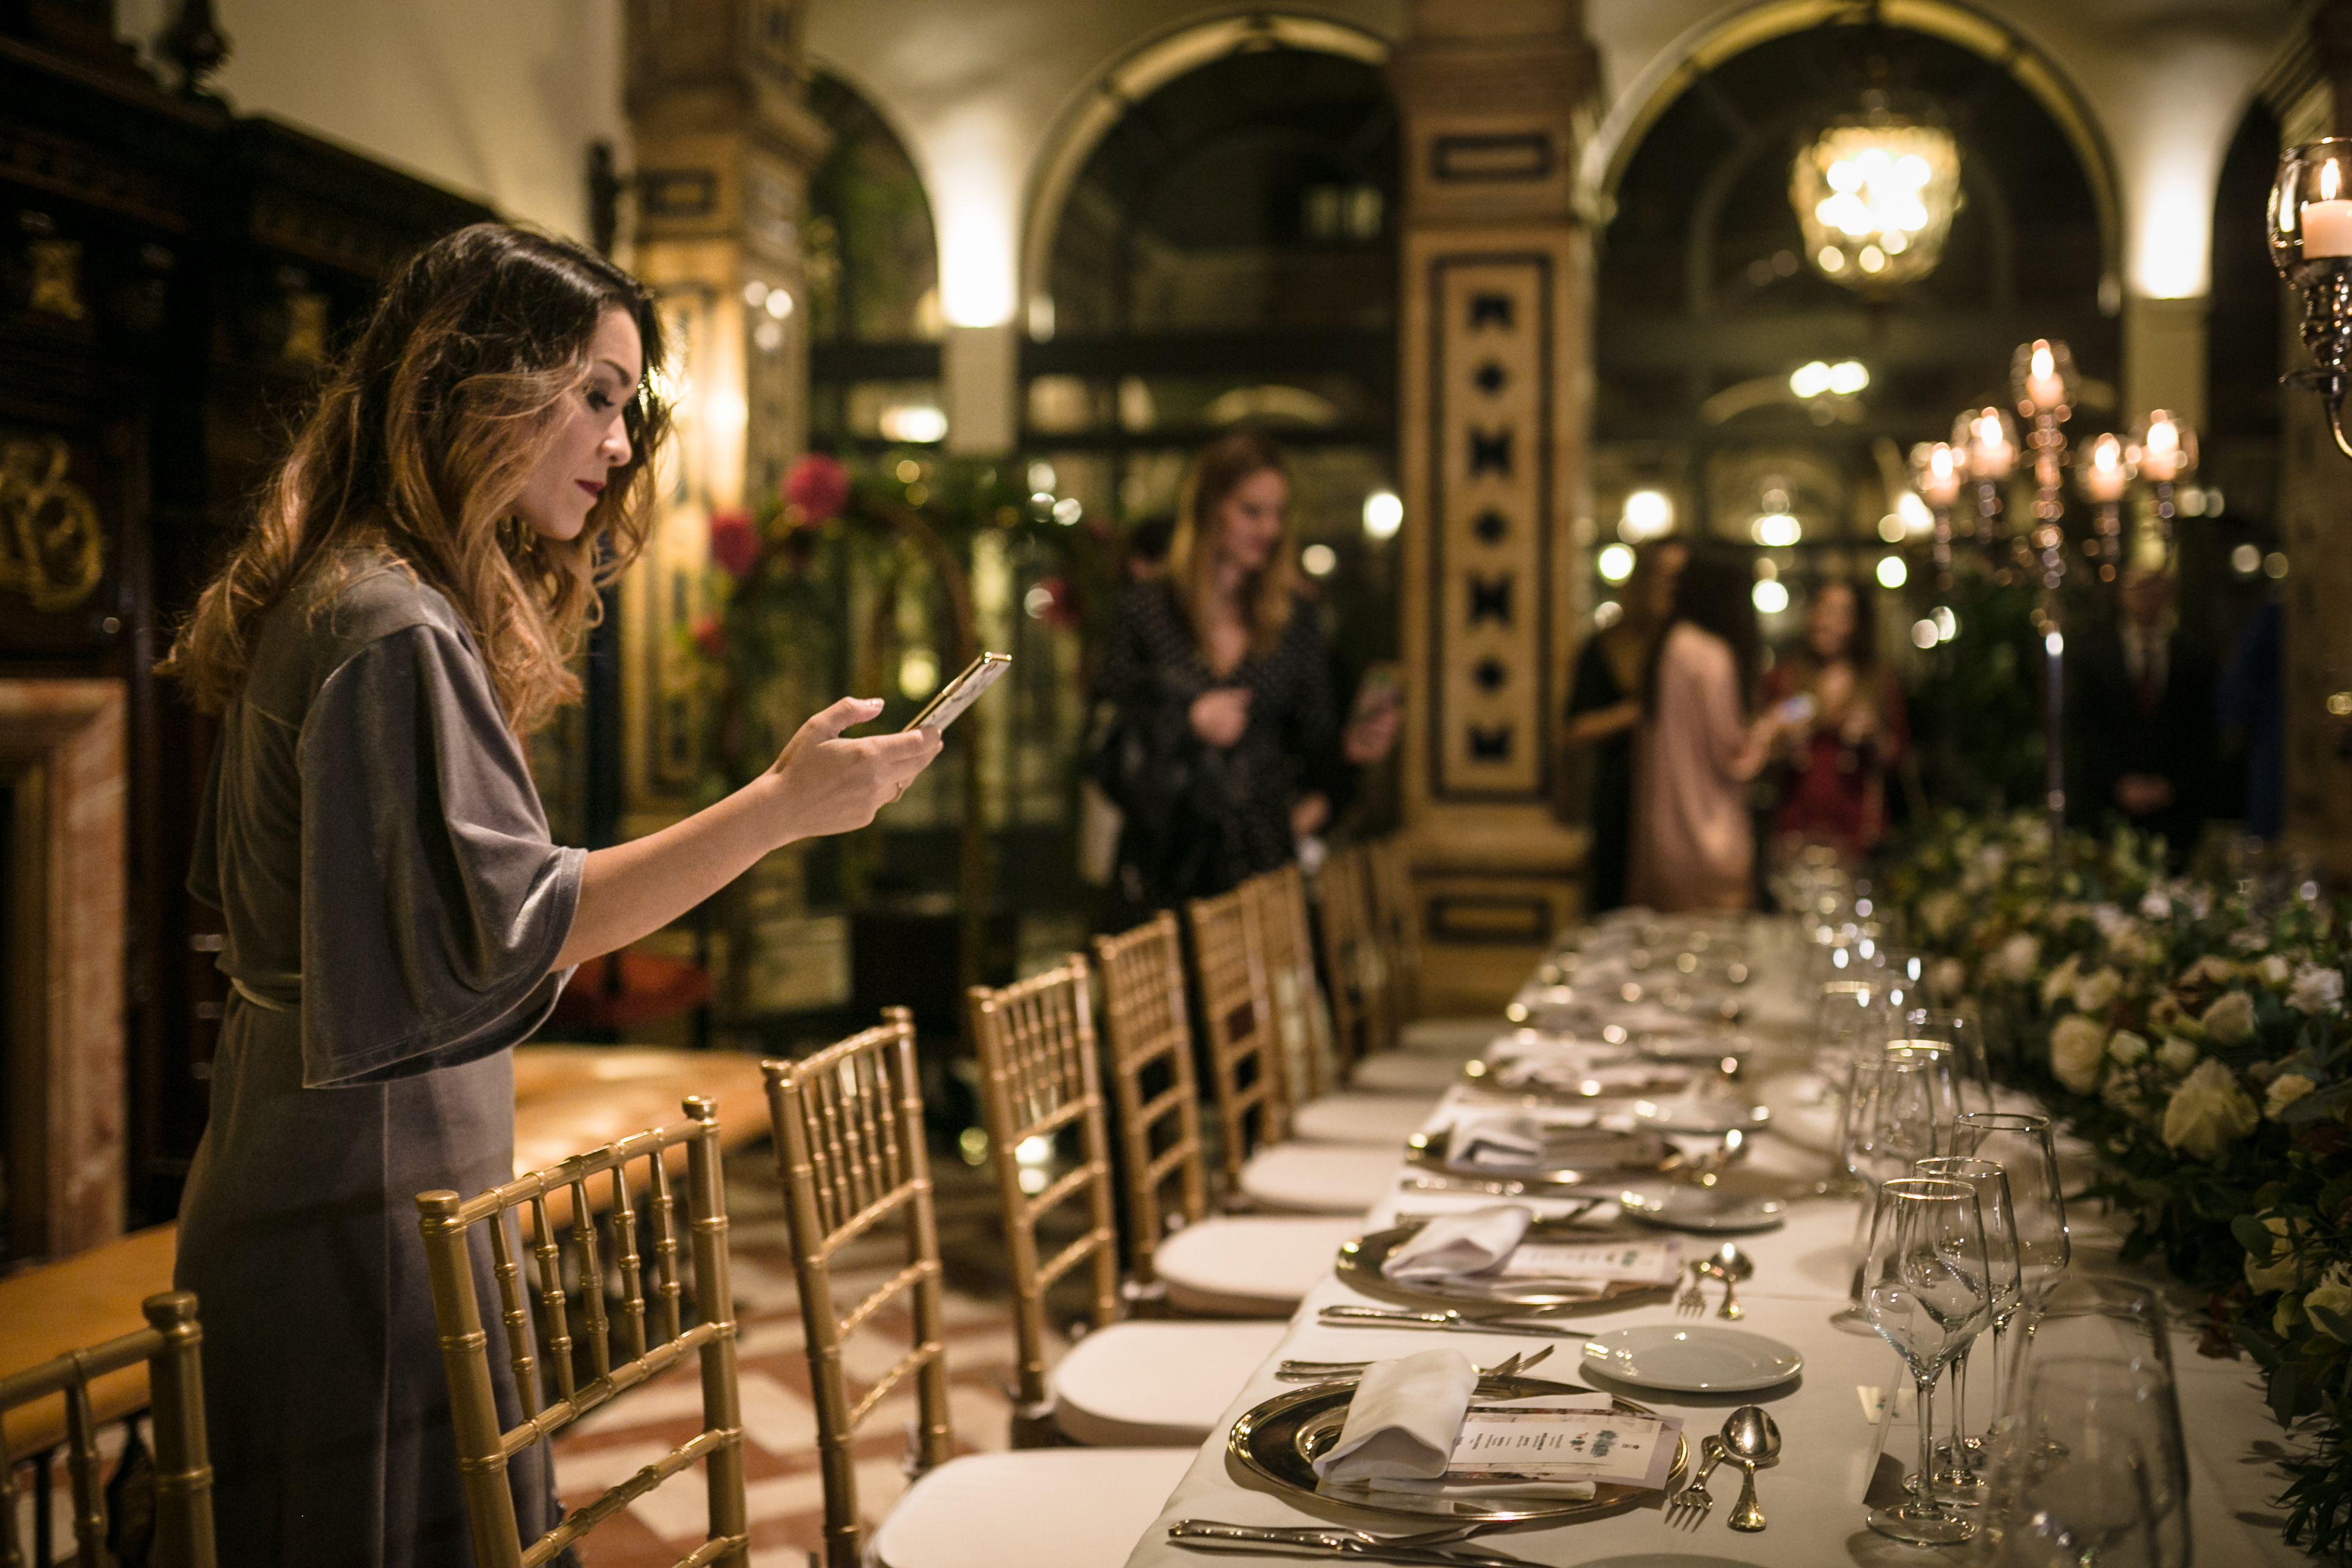 El evento Wedding Club Aires de Sevilla en el Hotel Alfonso XIII-1